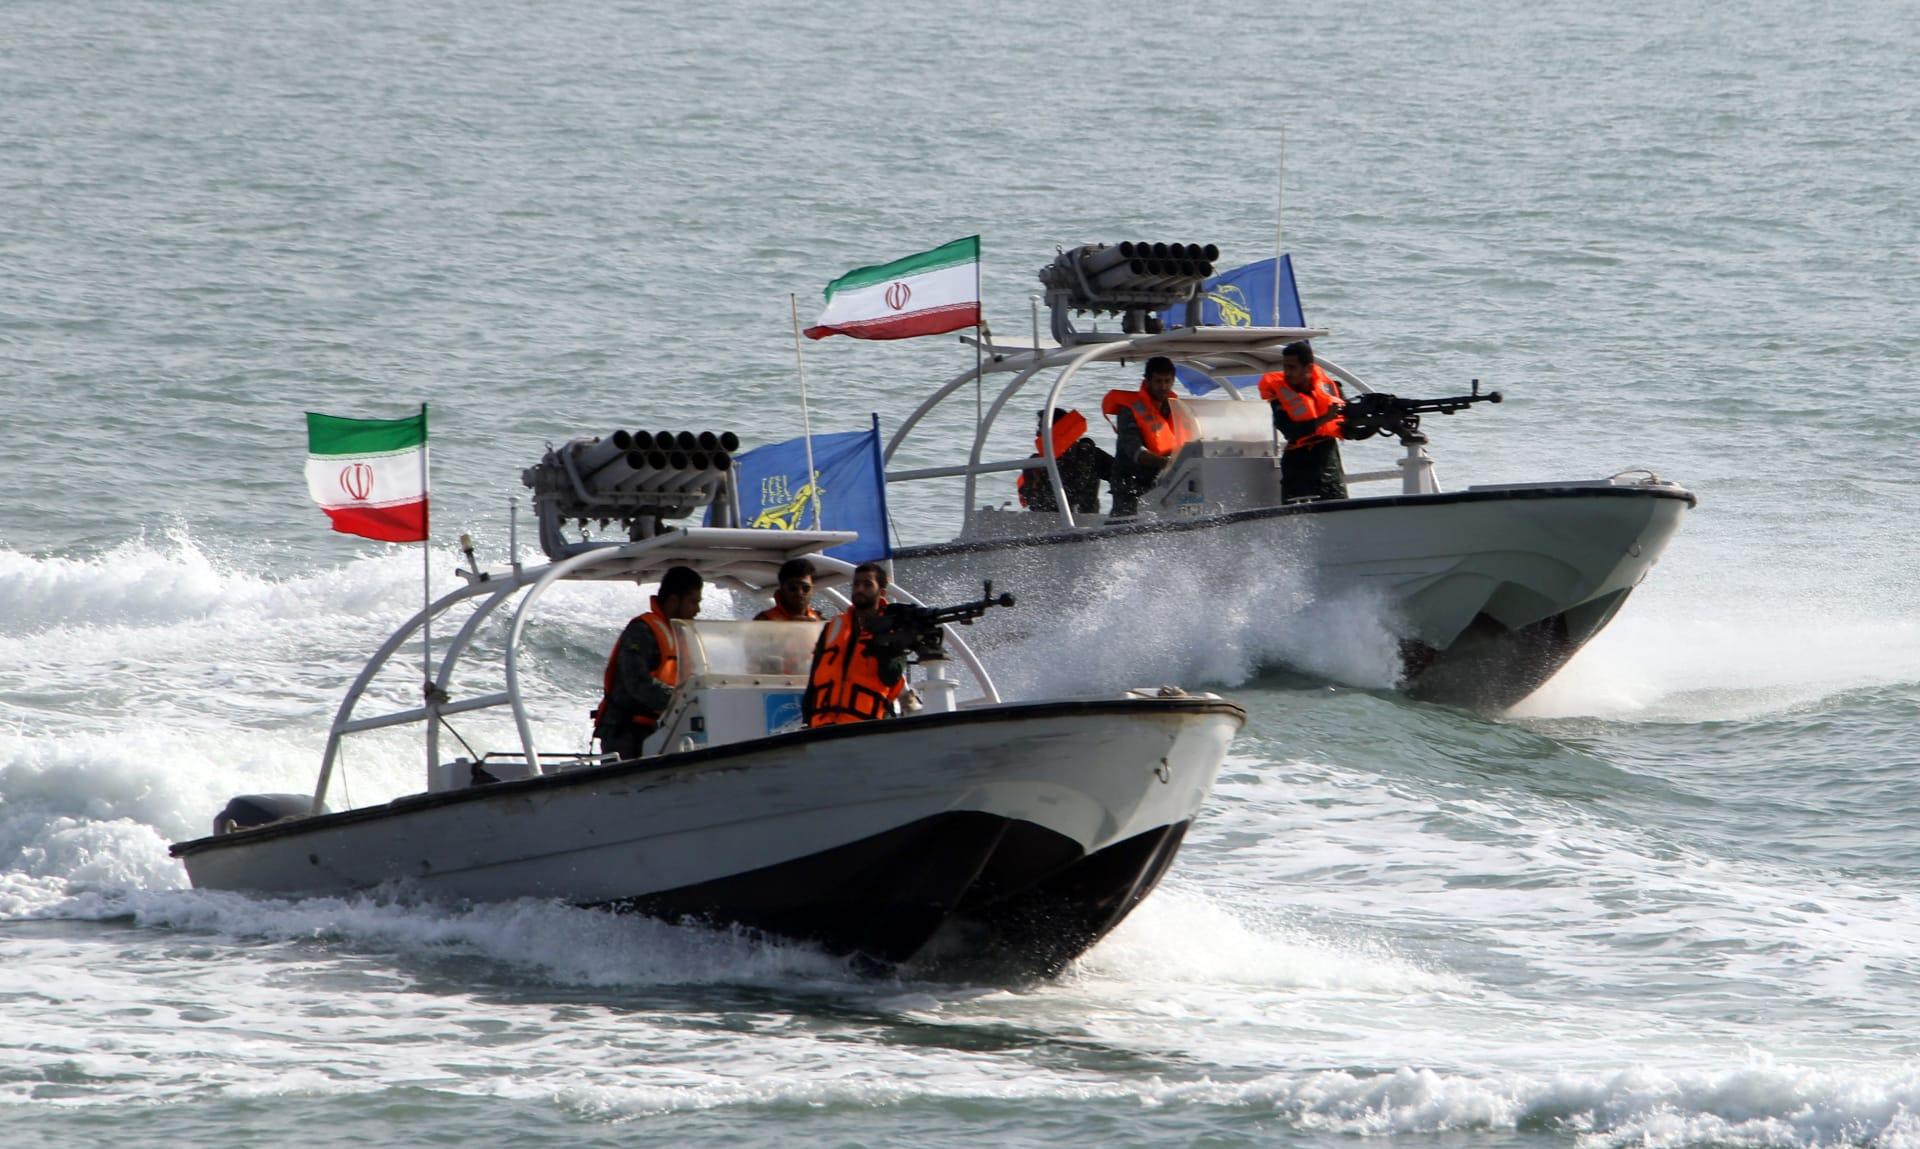 مسؤول إيراني: 3 مبادئ أساسية لسياساتنا في الخليج وبحر عُمان